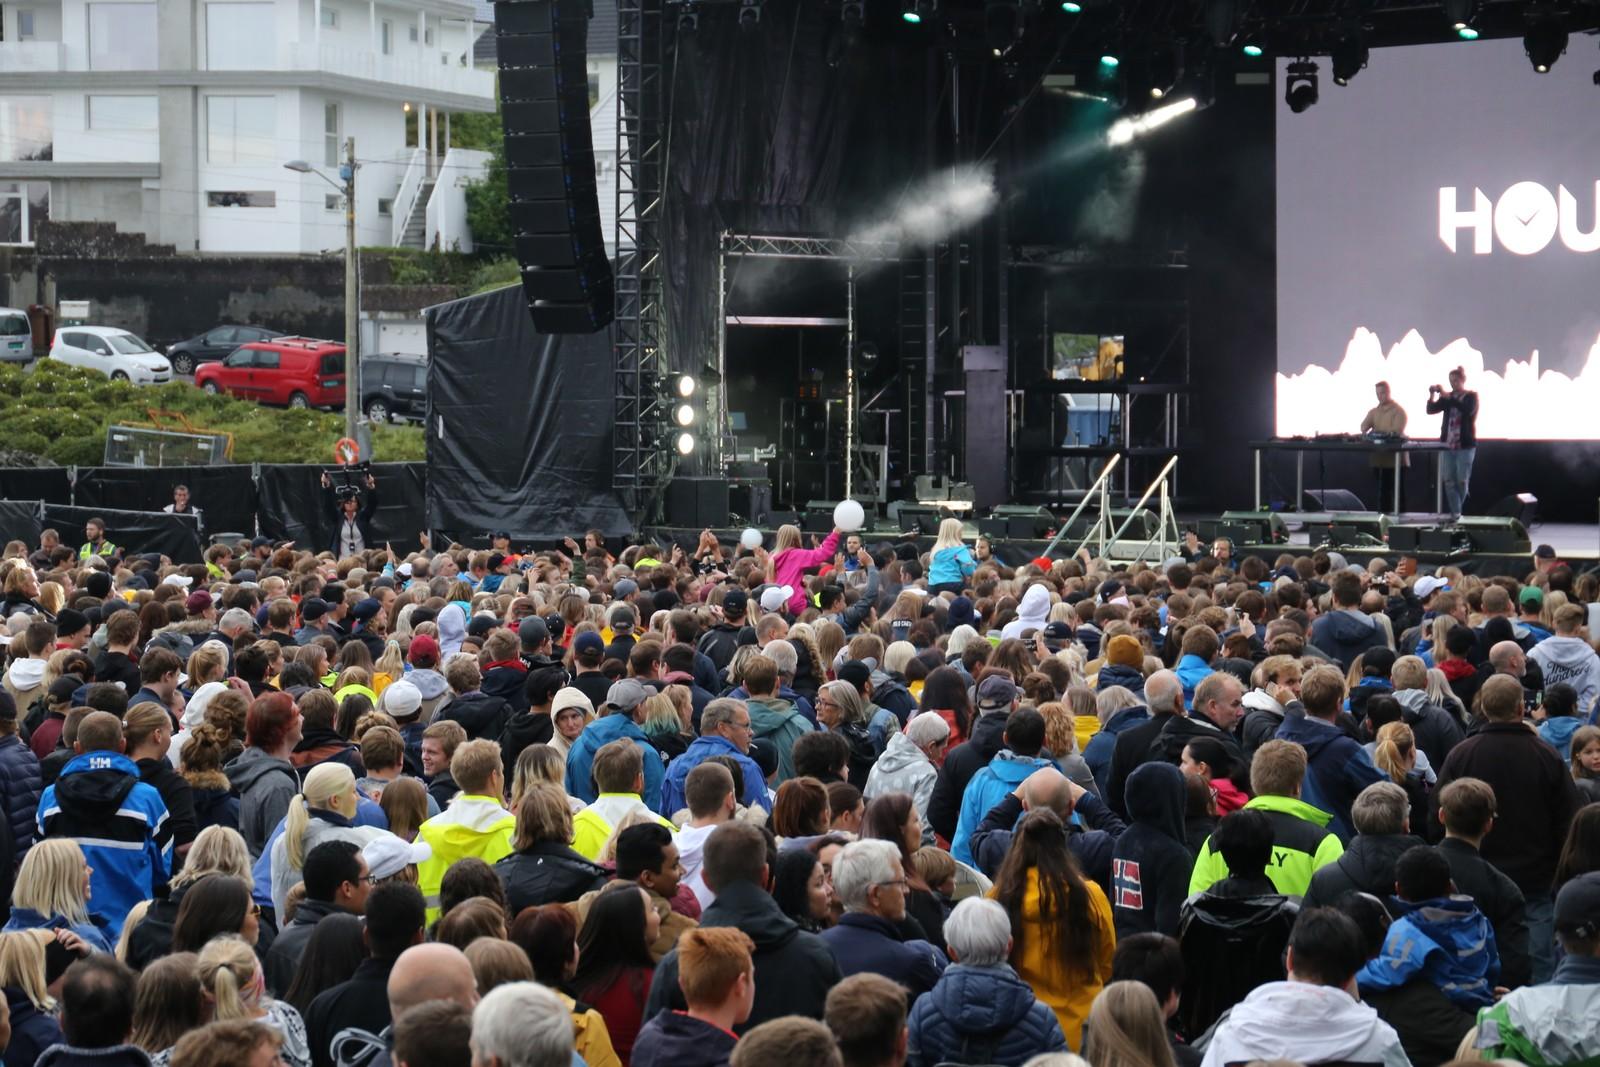 Gratiskonserten ble godt mottatt av publikum.